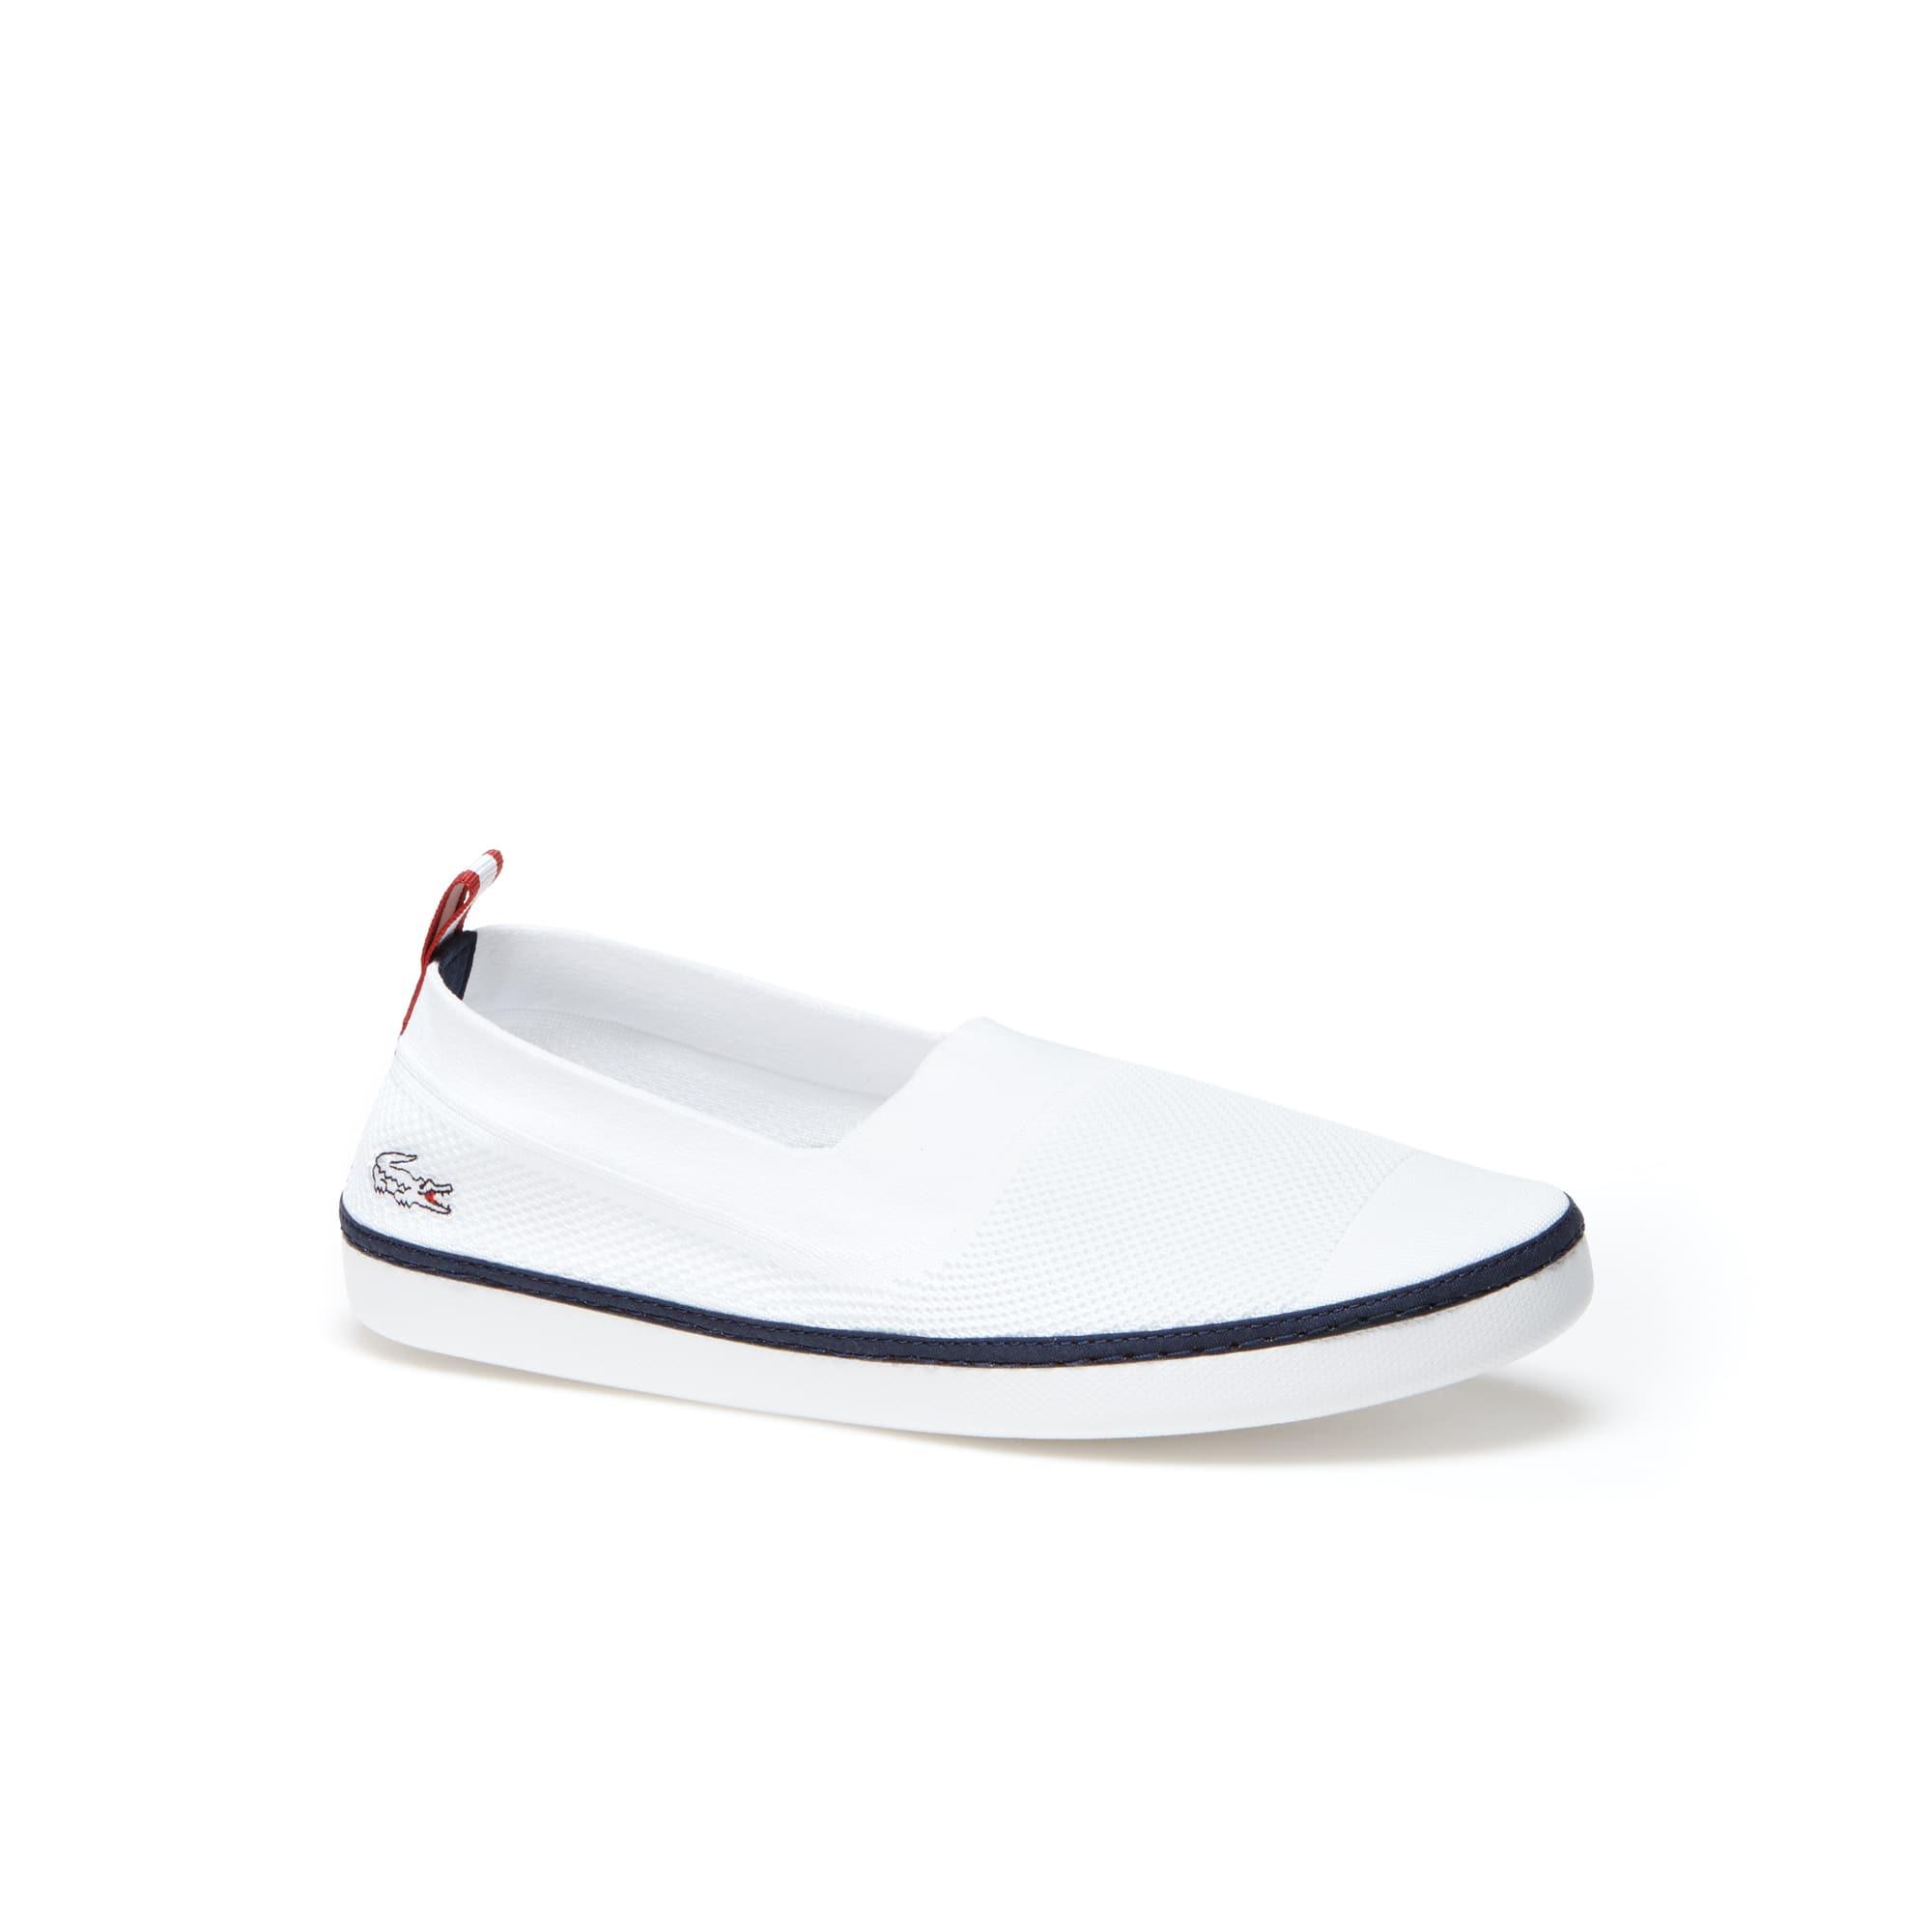 Zapatillas sin cordones L.ydro de piqué elástico para hombre